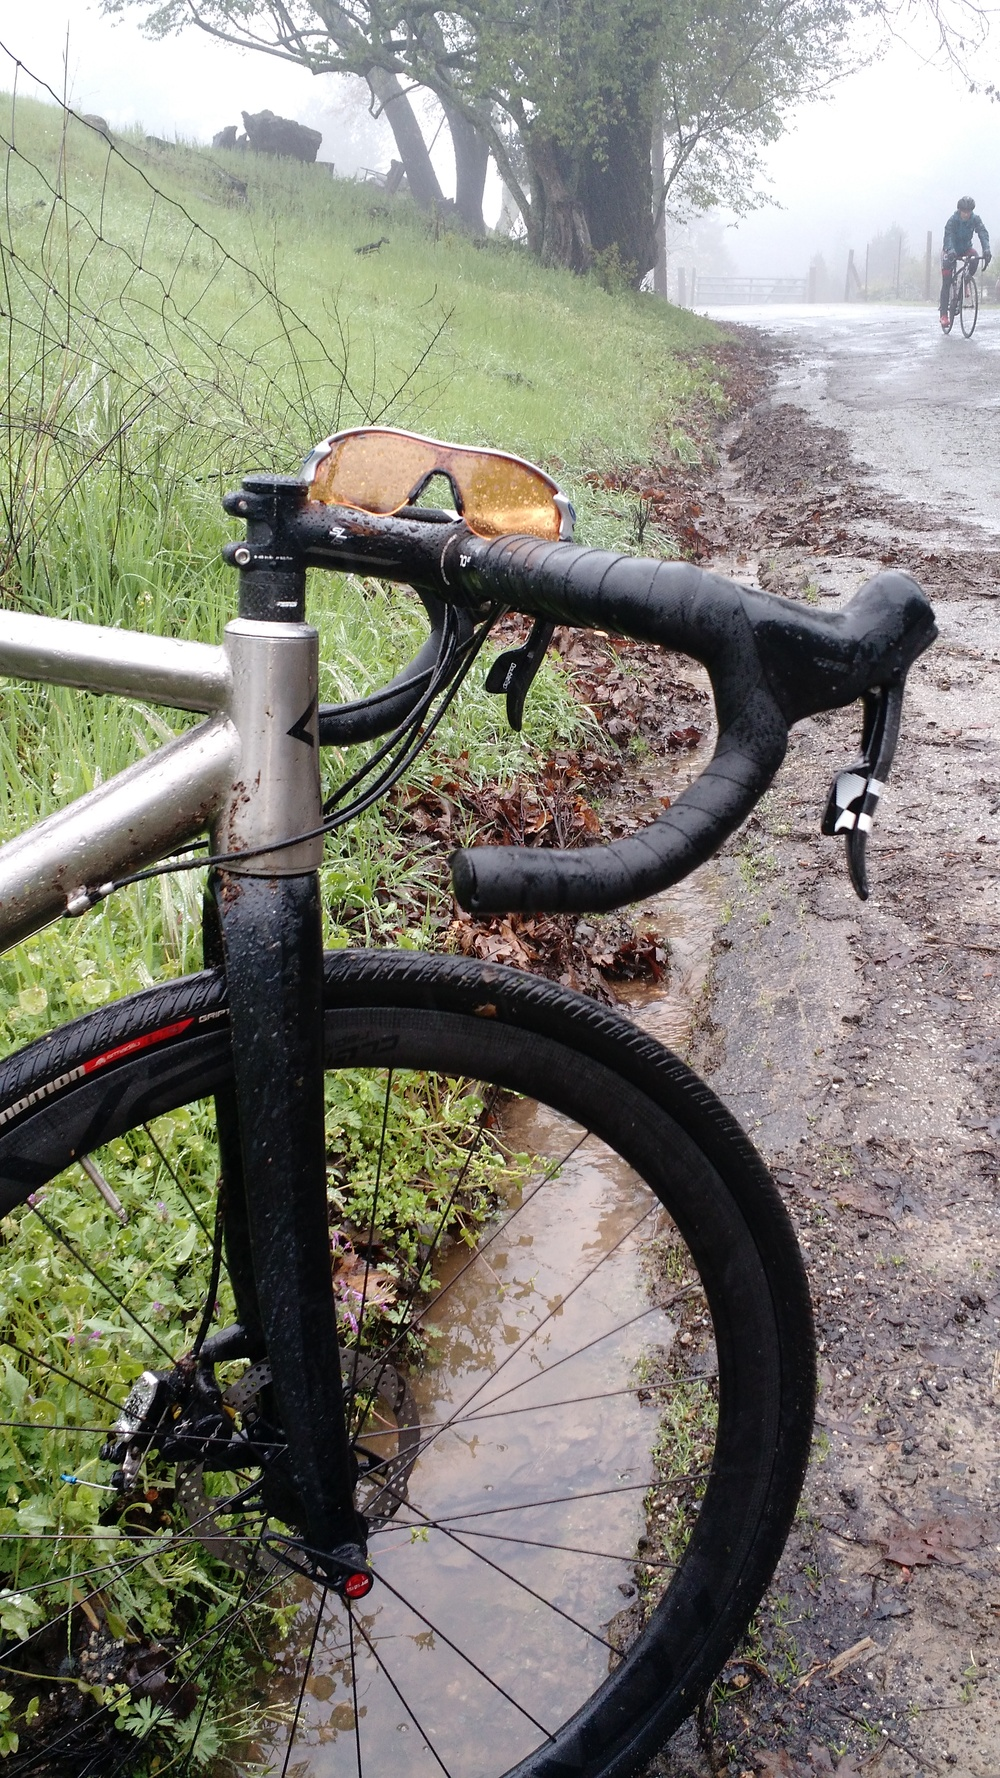 Riding in the rain, Mountain Charlie, Santa Cruz